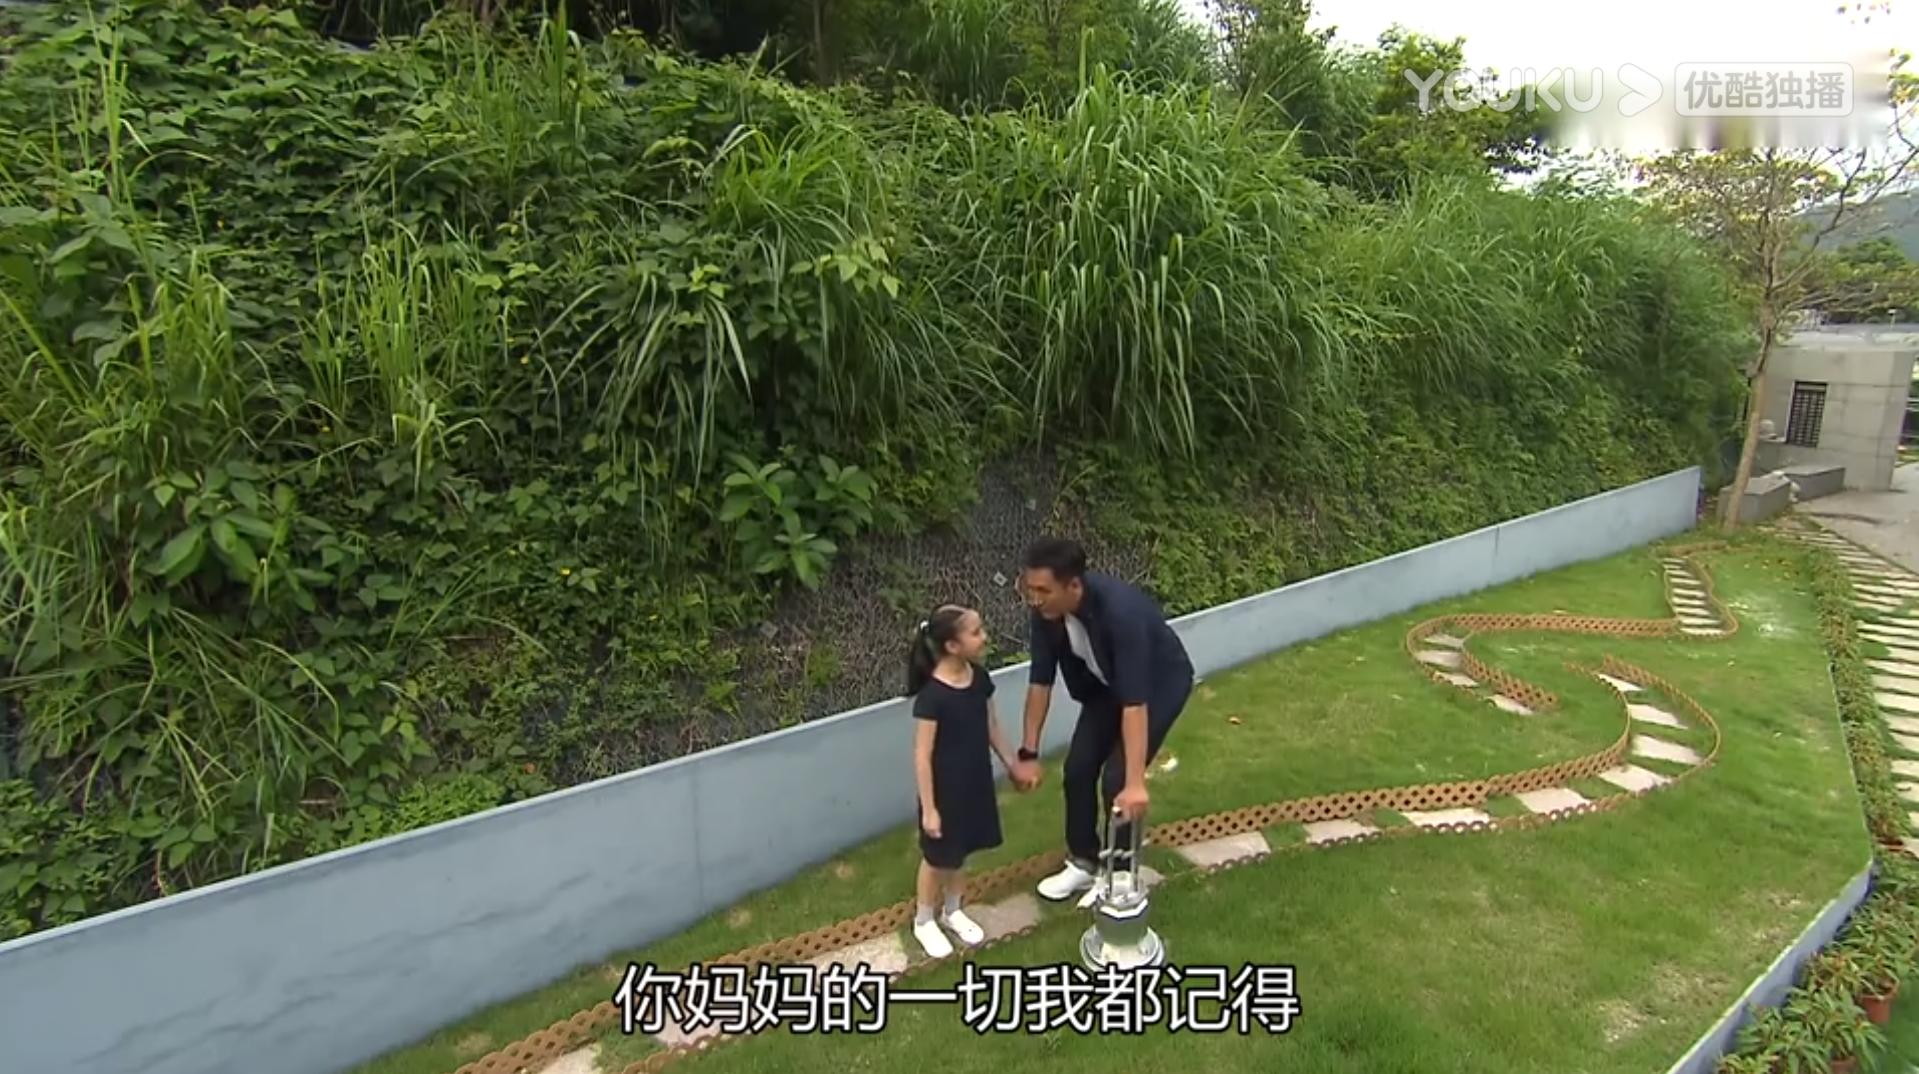 《跳躍生命線》劇照——麥在田和女兒在紀念花園撒骨灰